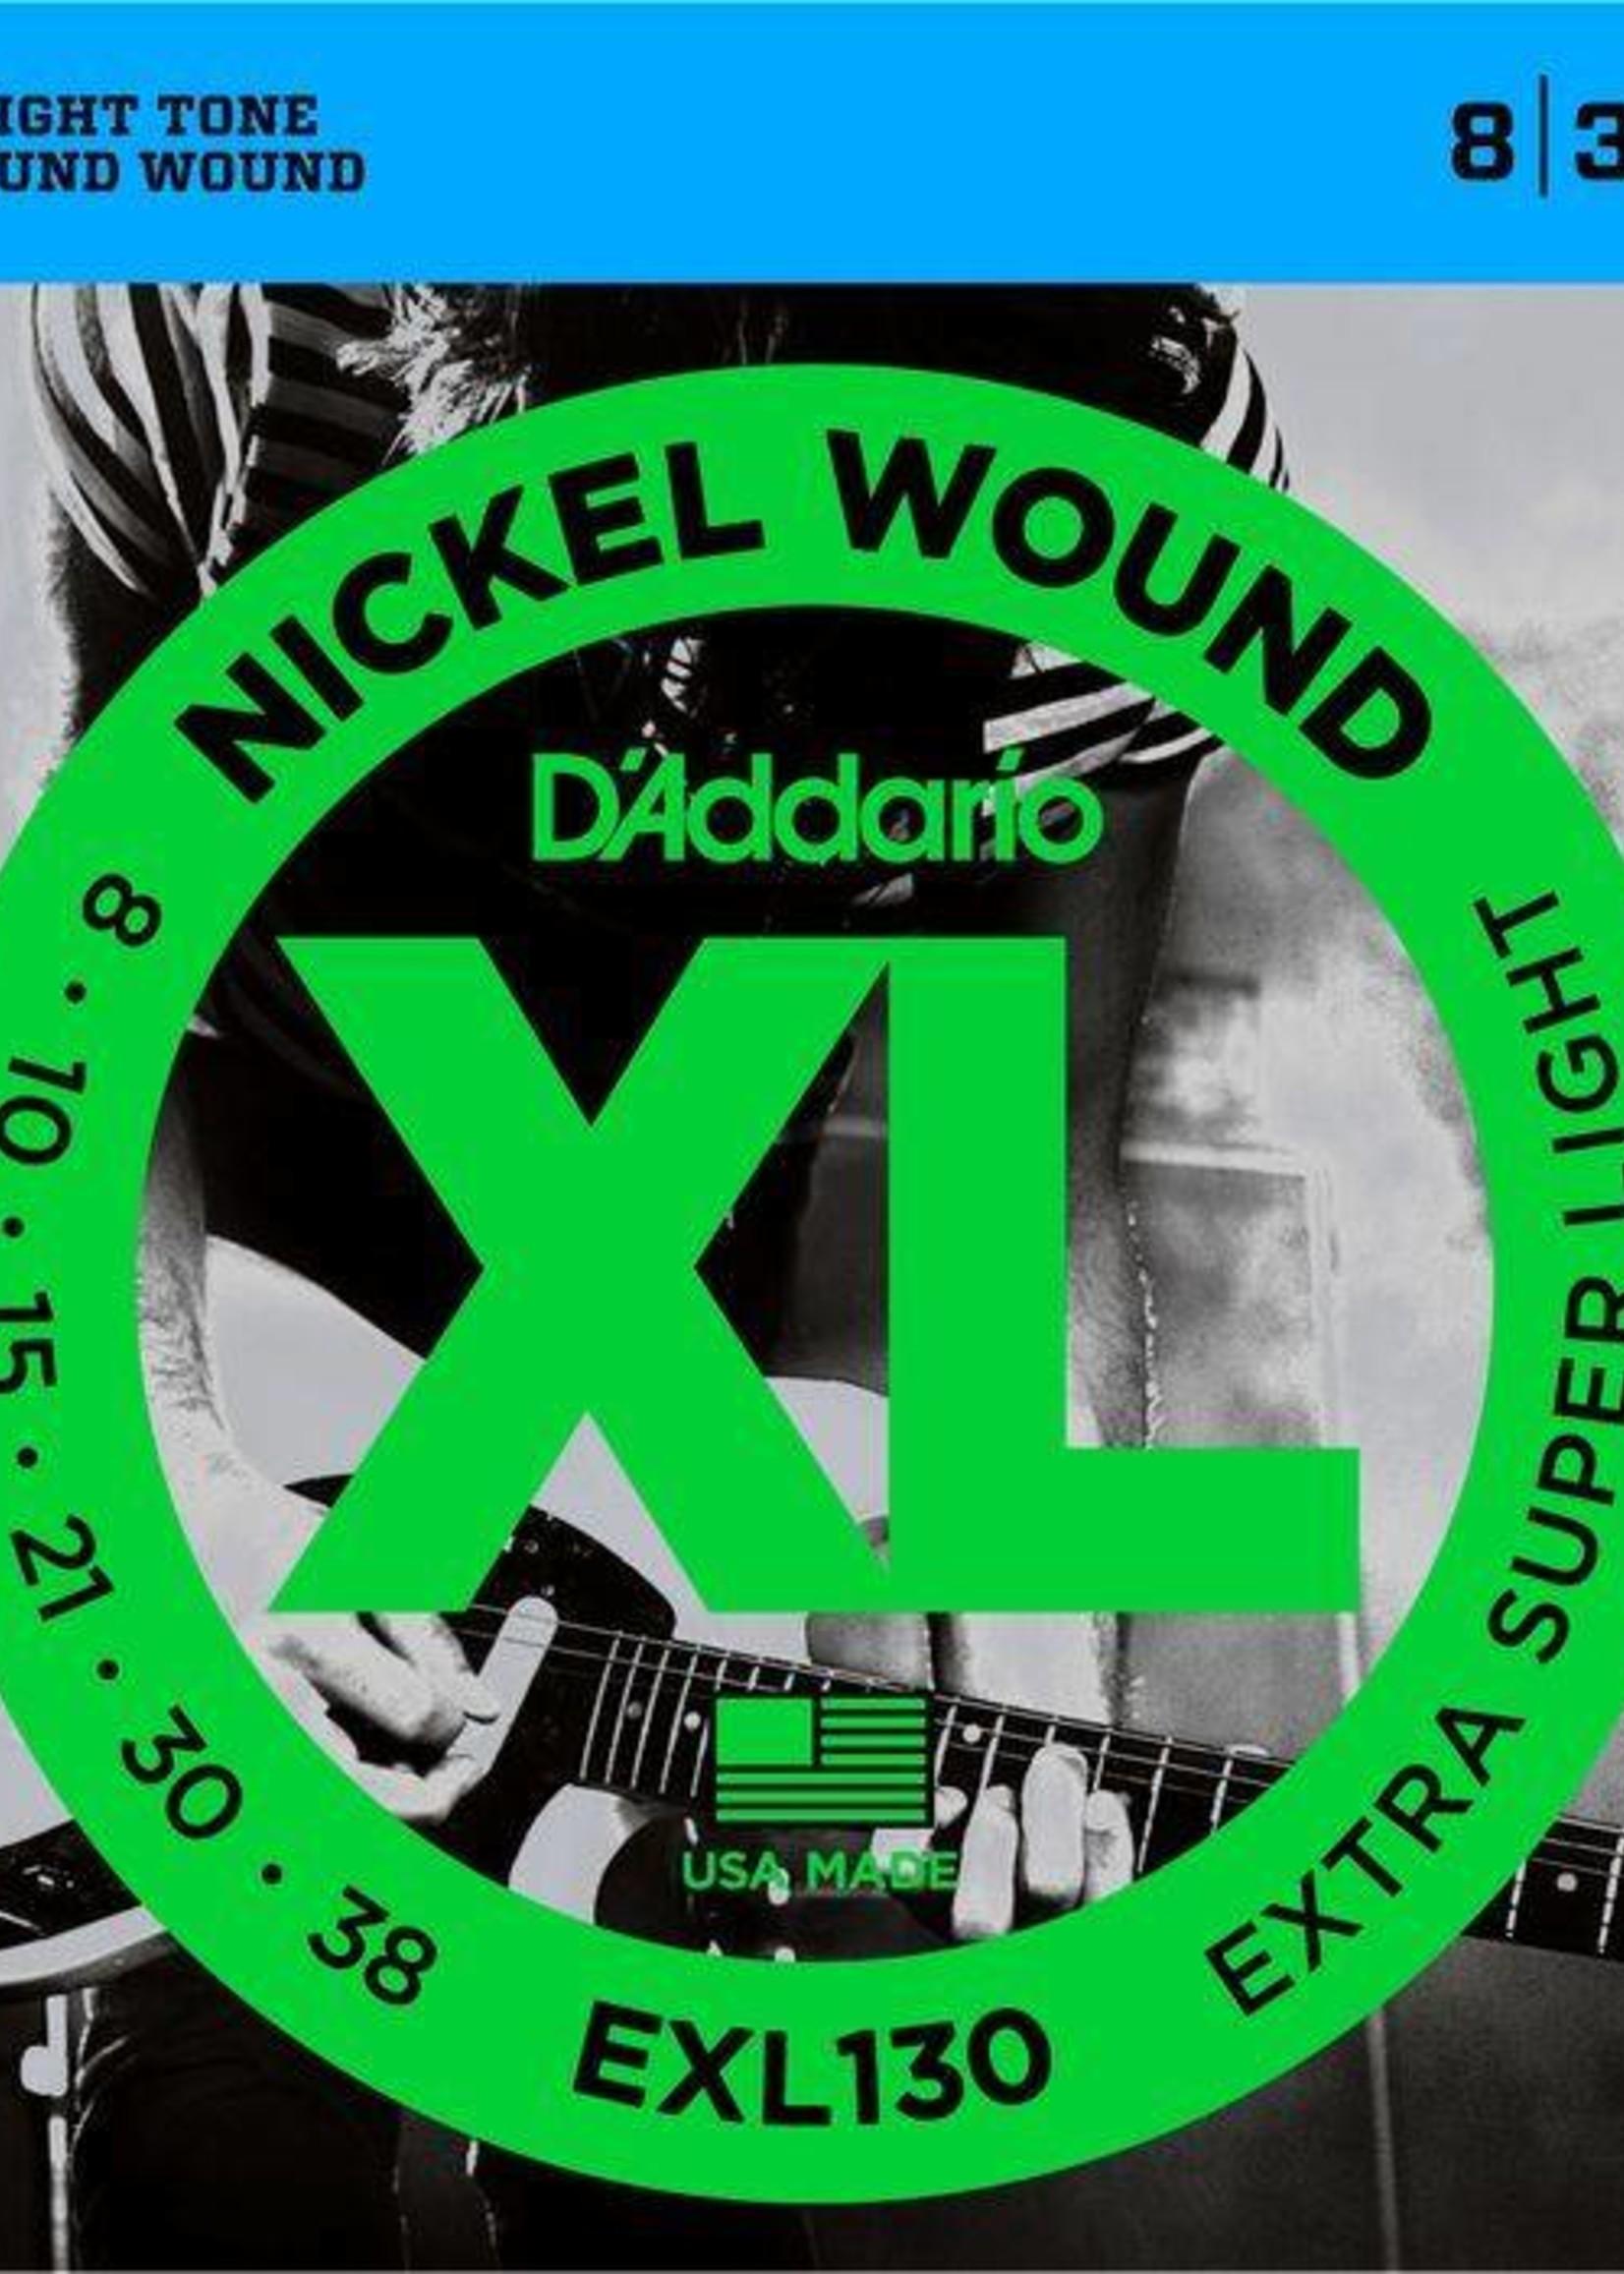 D'ADDARIO EXL130 ELECTRIQUE D'ADDARIO